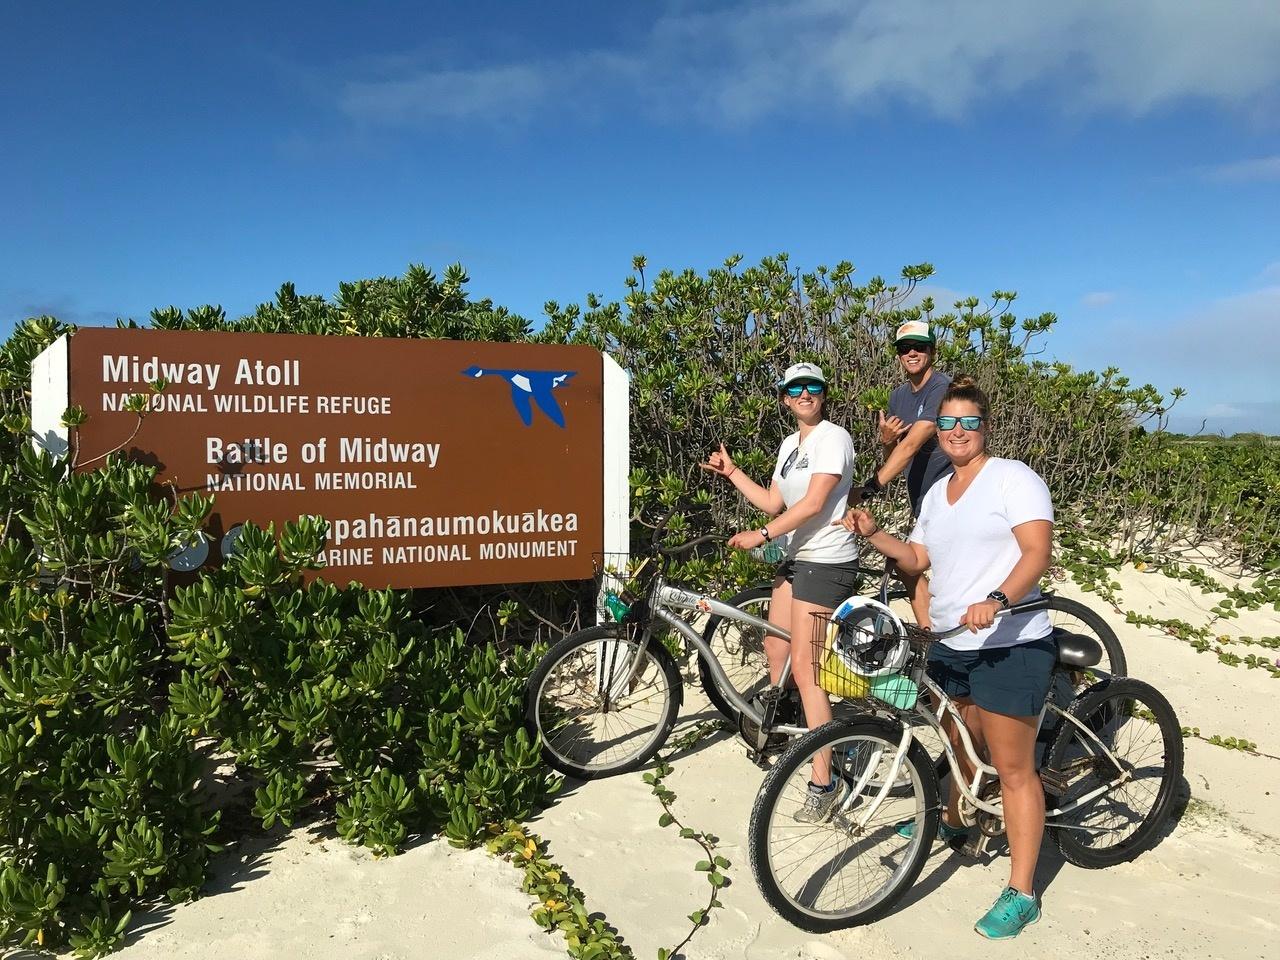 Biking on Midway